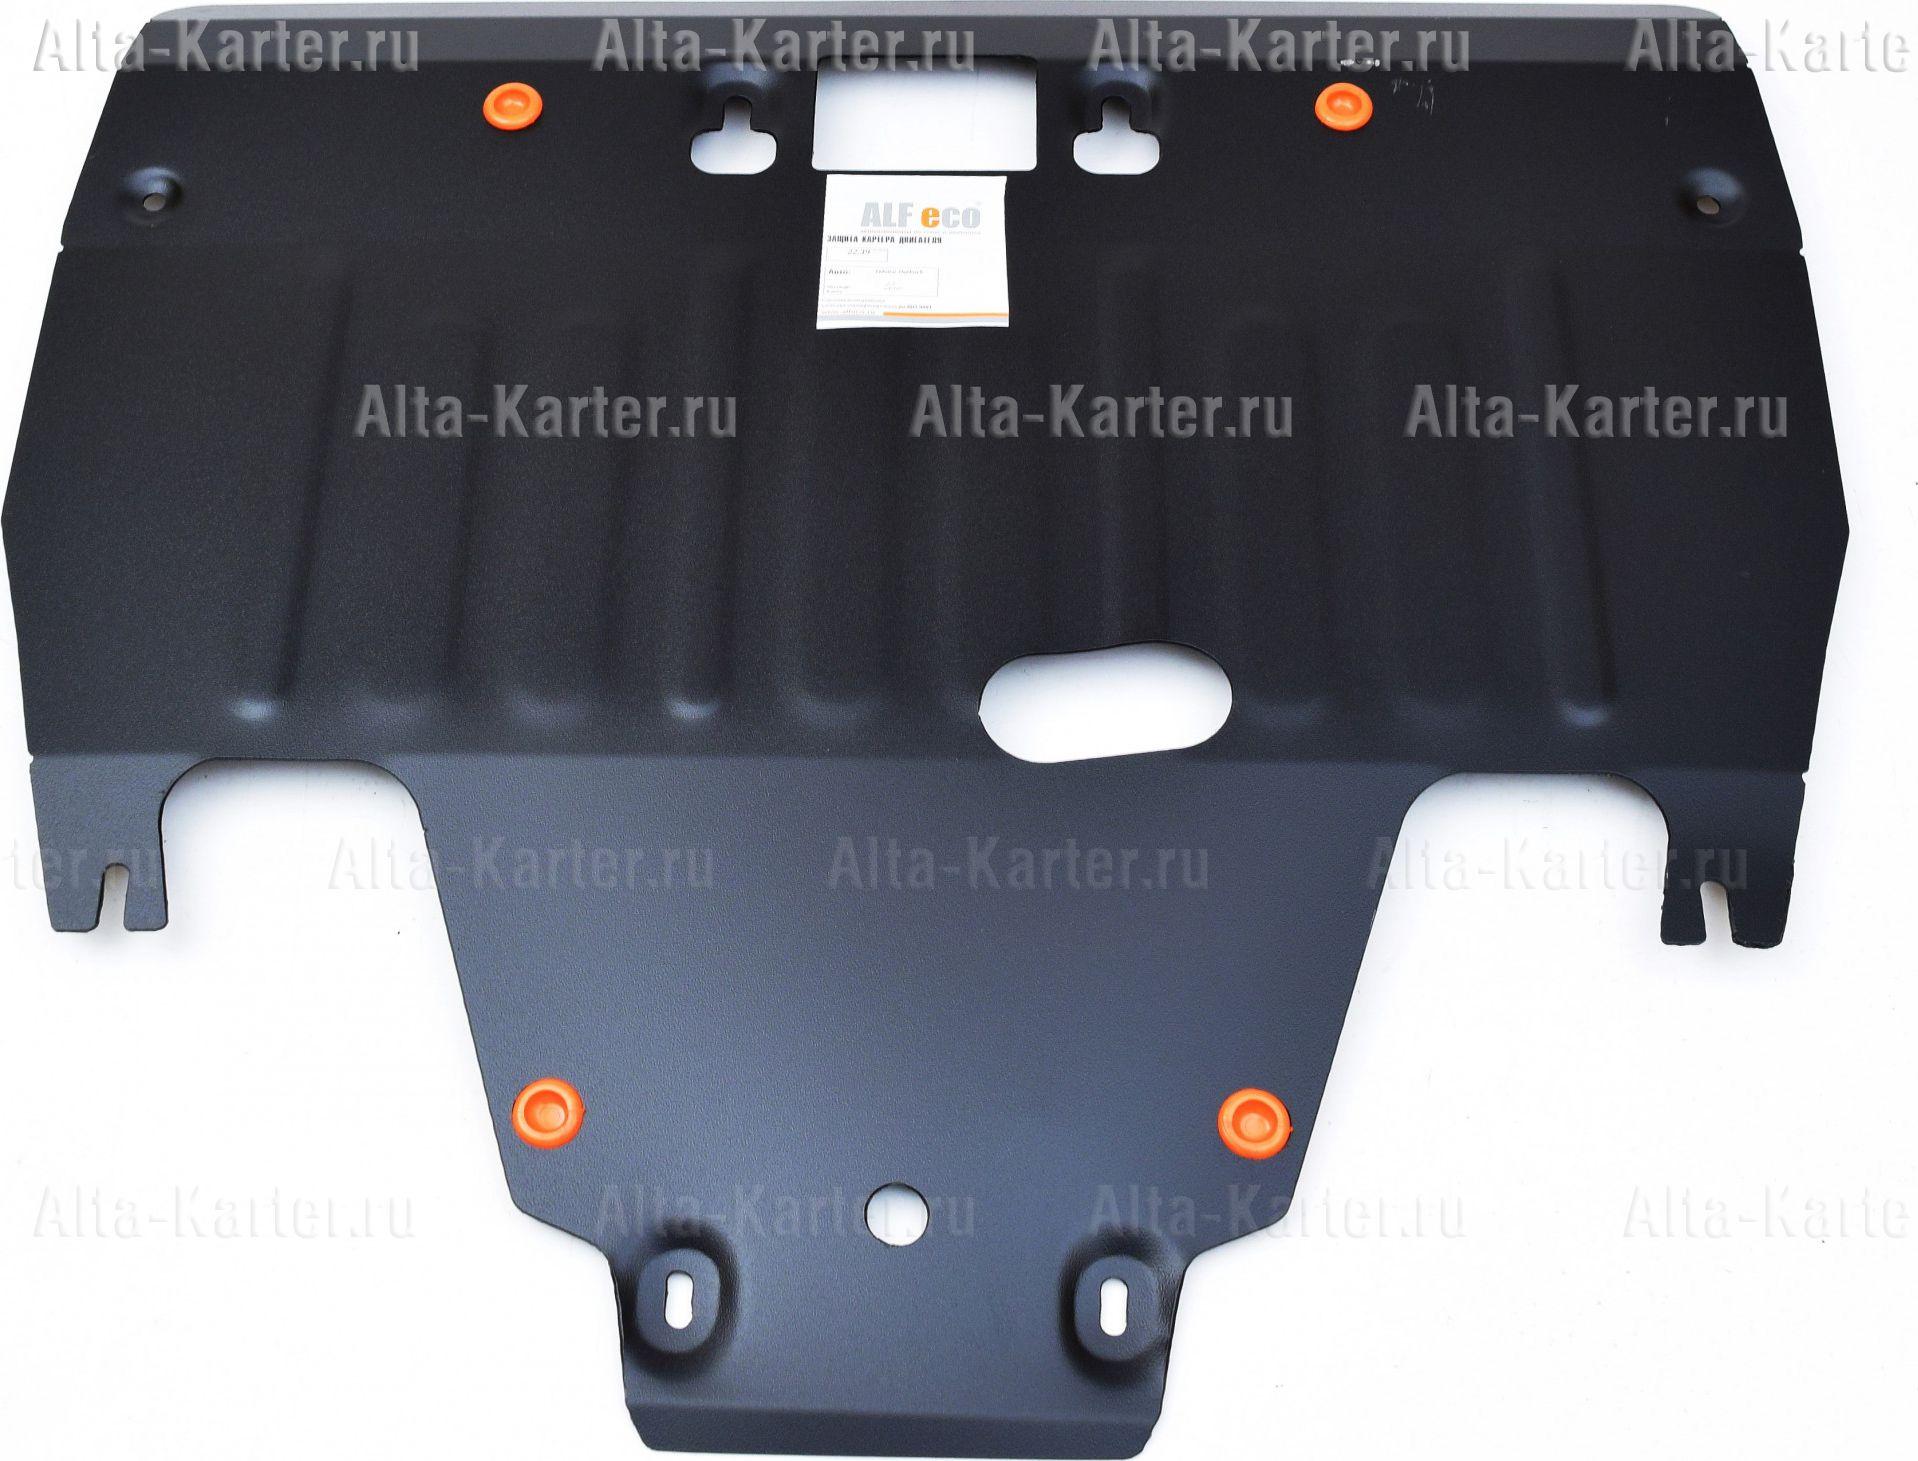 Защита Alfeco для картера Subaru Outback V 2014-2019. Артикул ALF.22.39